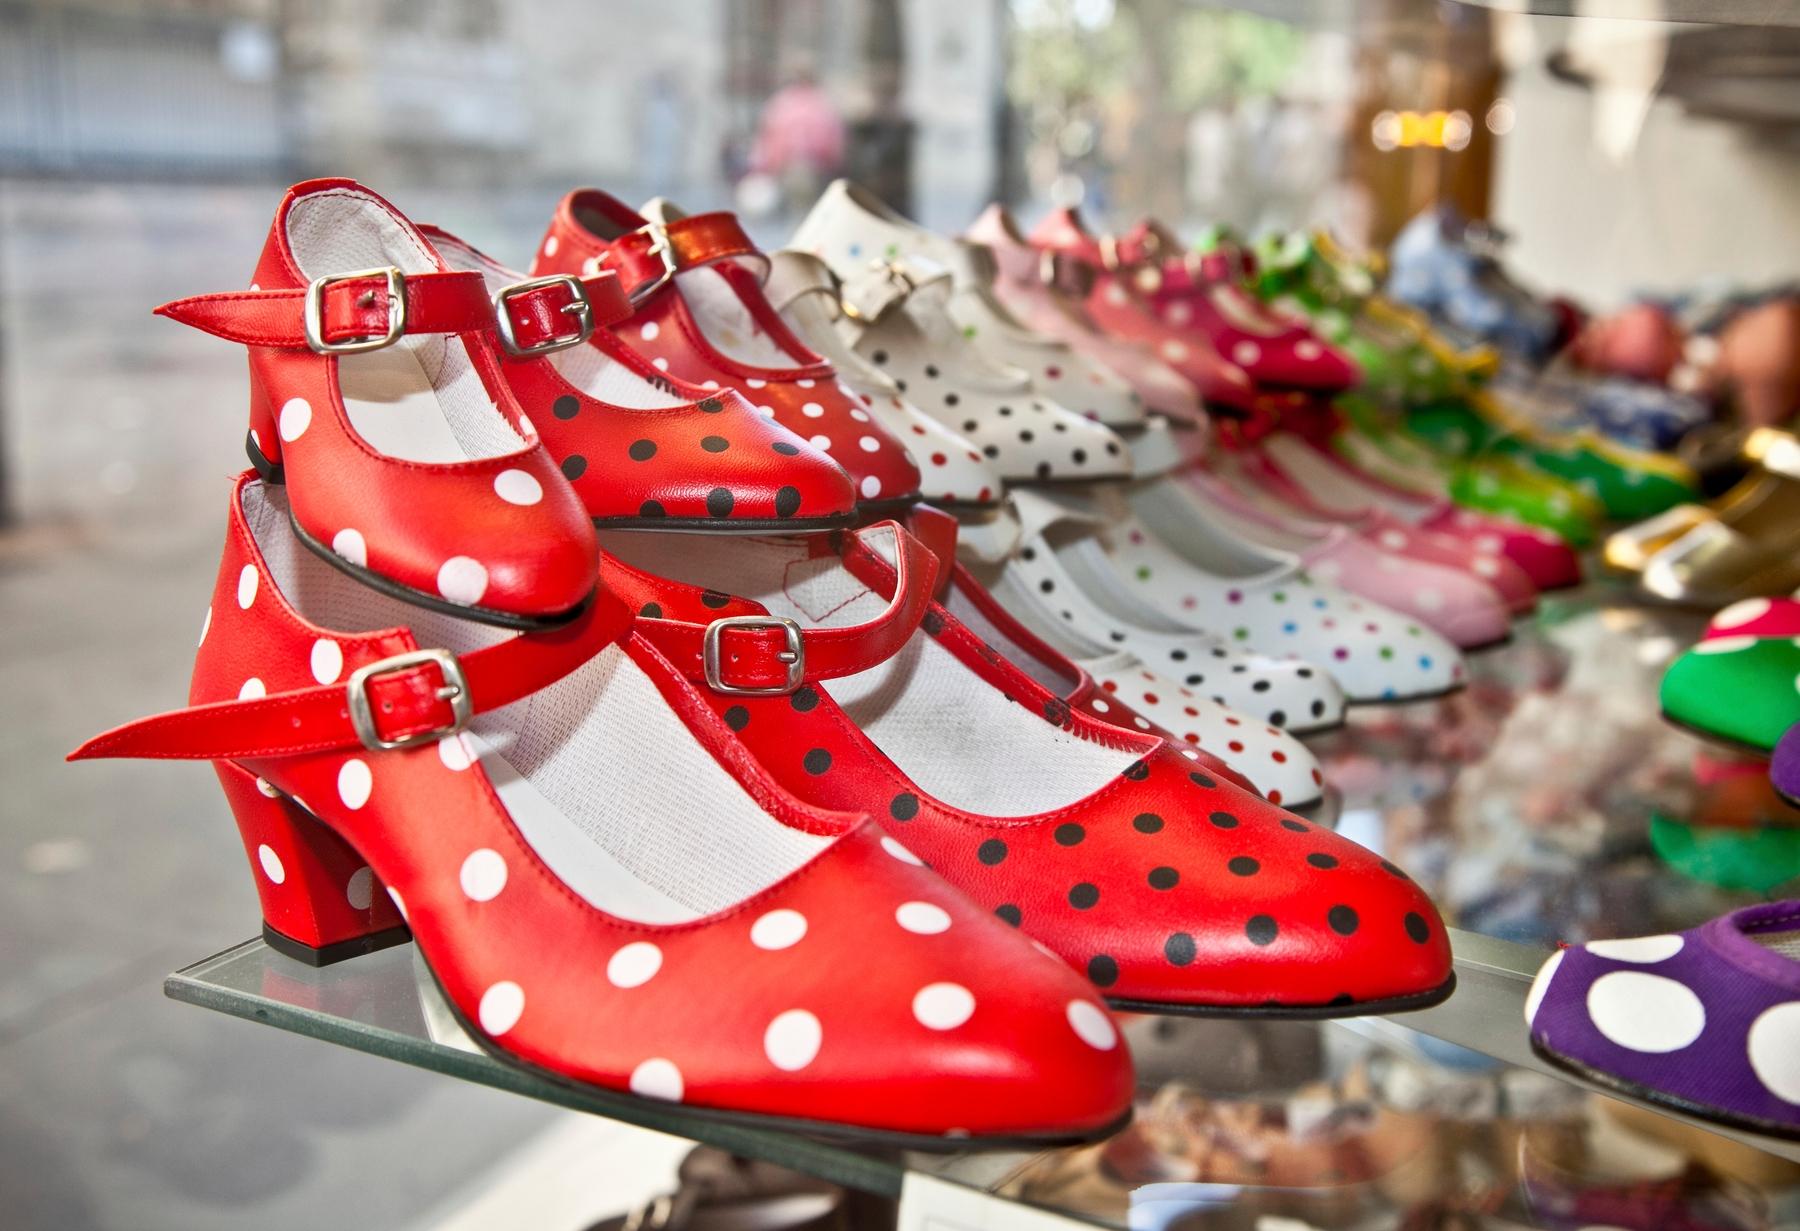 El flamenco en Sevilla permite descubrir todo un universo en torno a la moda